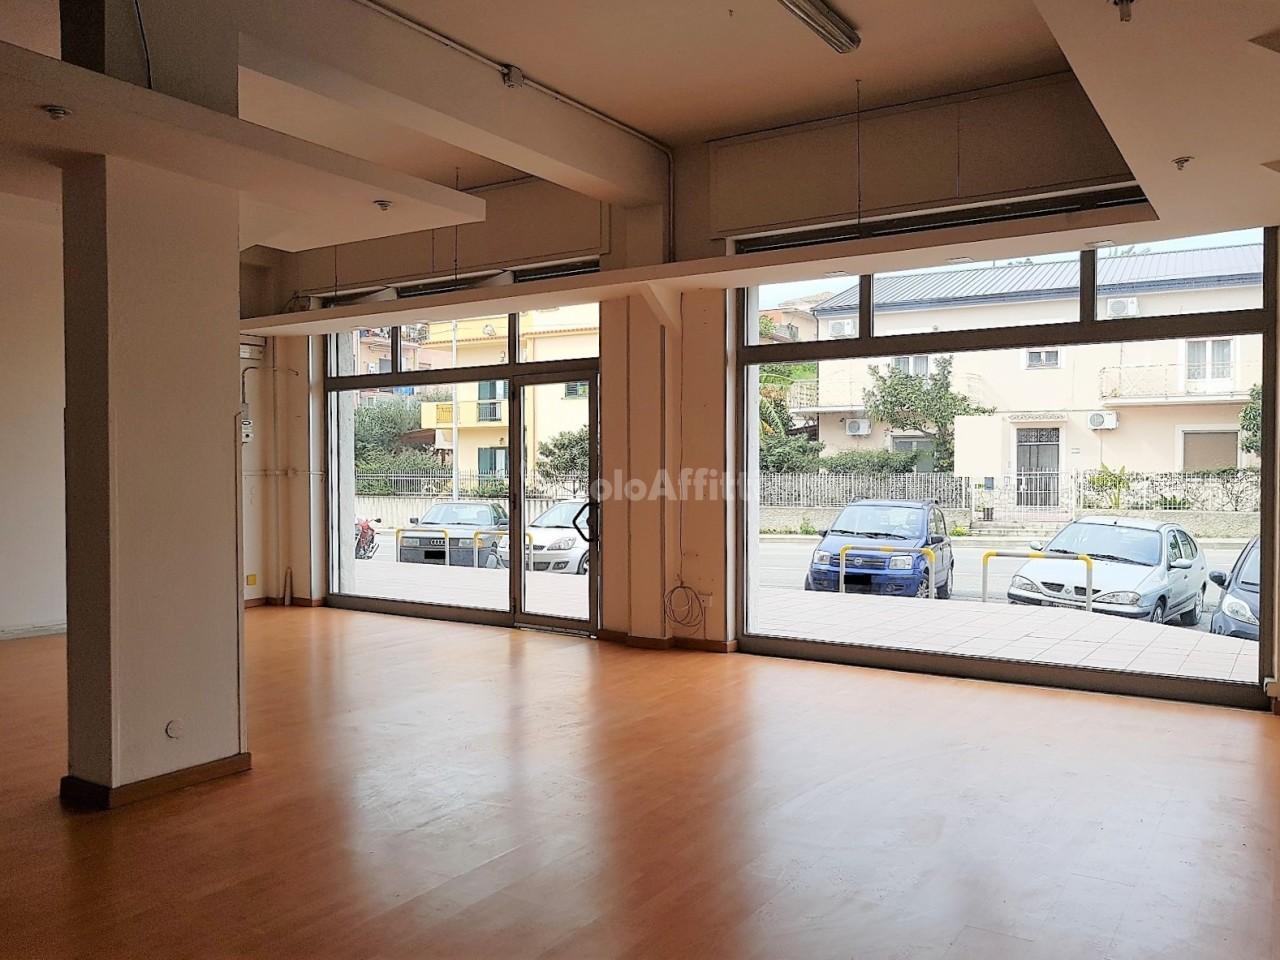 Fondo/negozio - 2 vetrine/luci a Lido Casciolino, Catanzaro